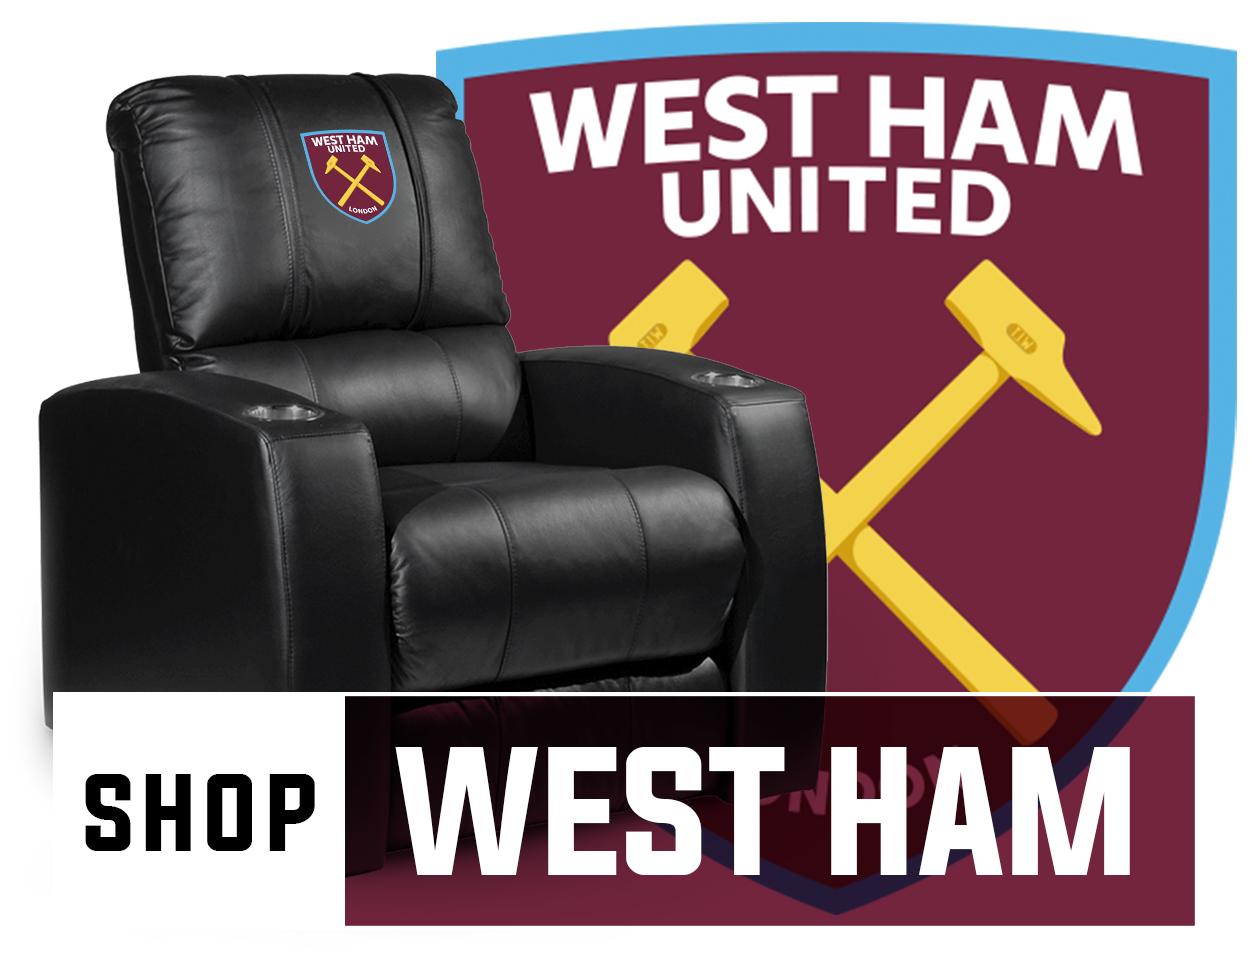 West Hame